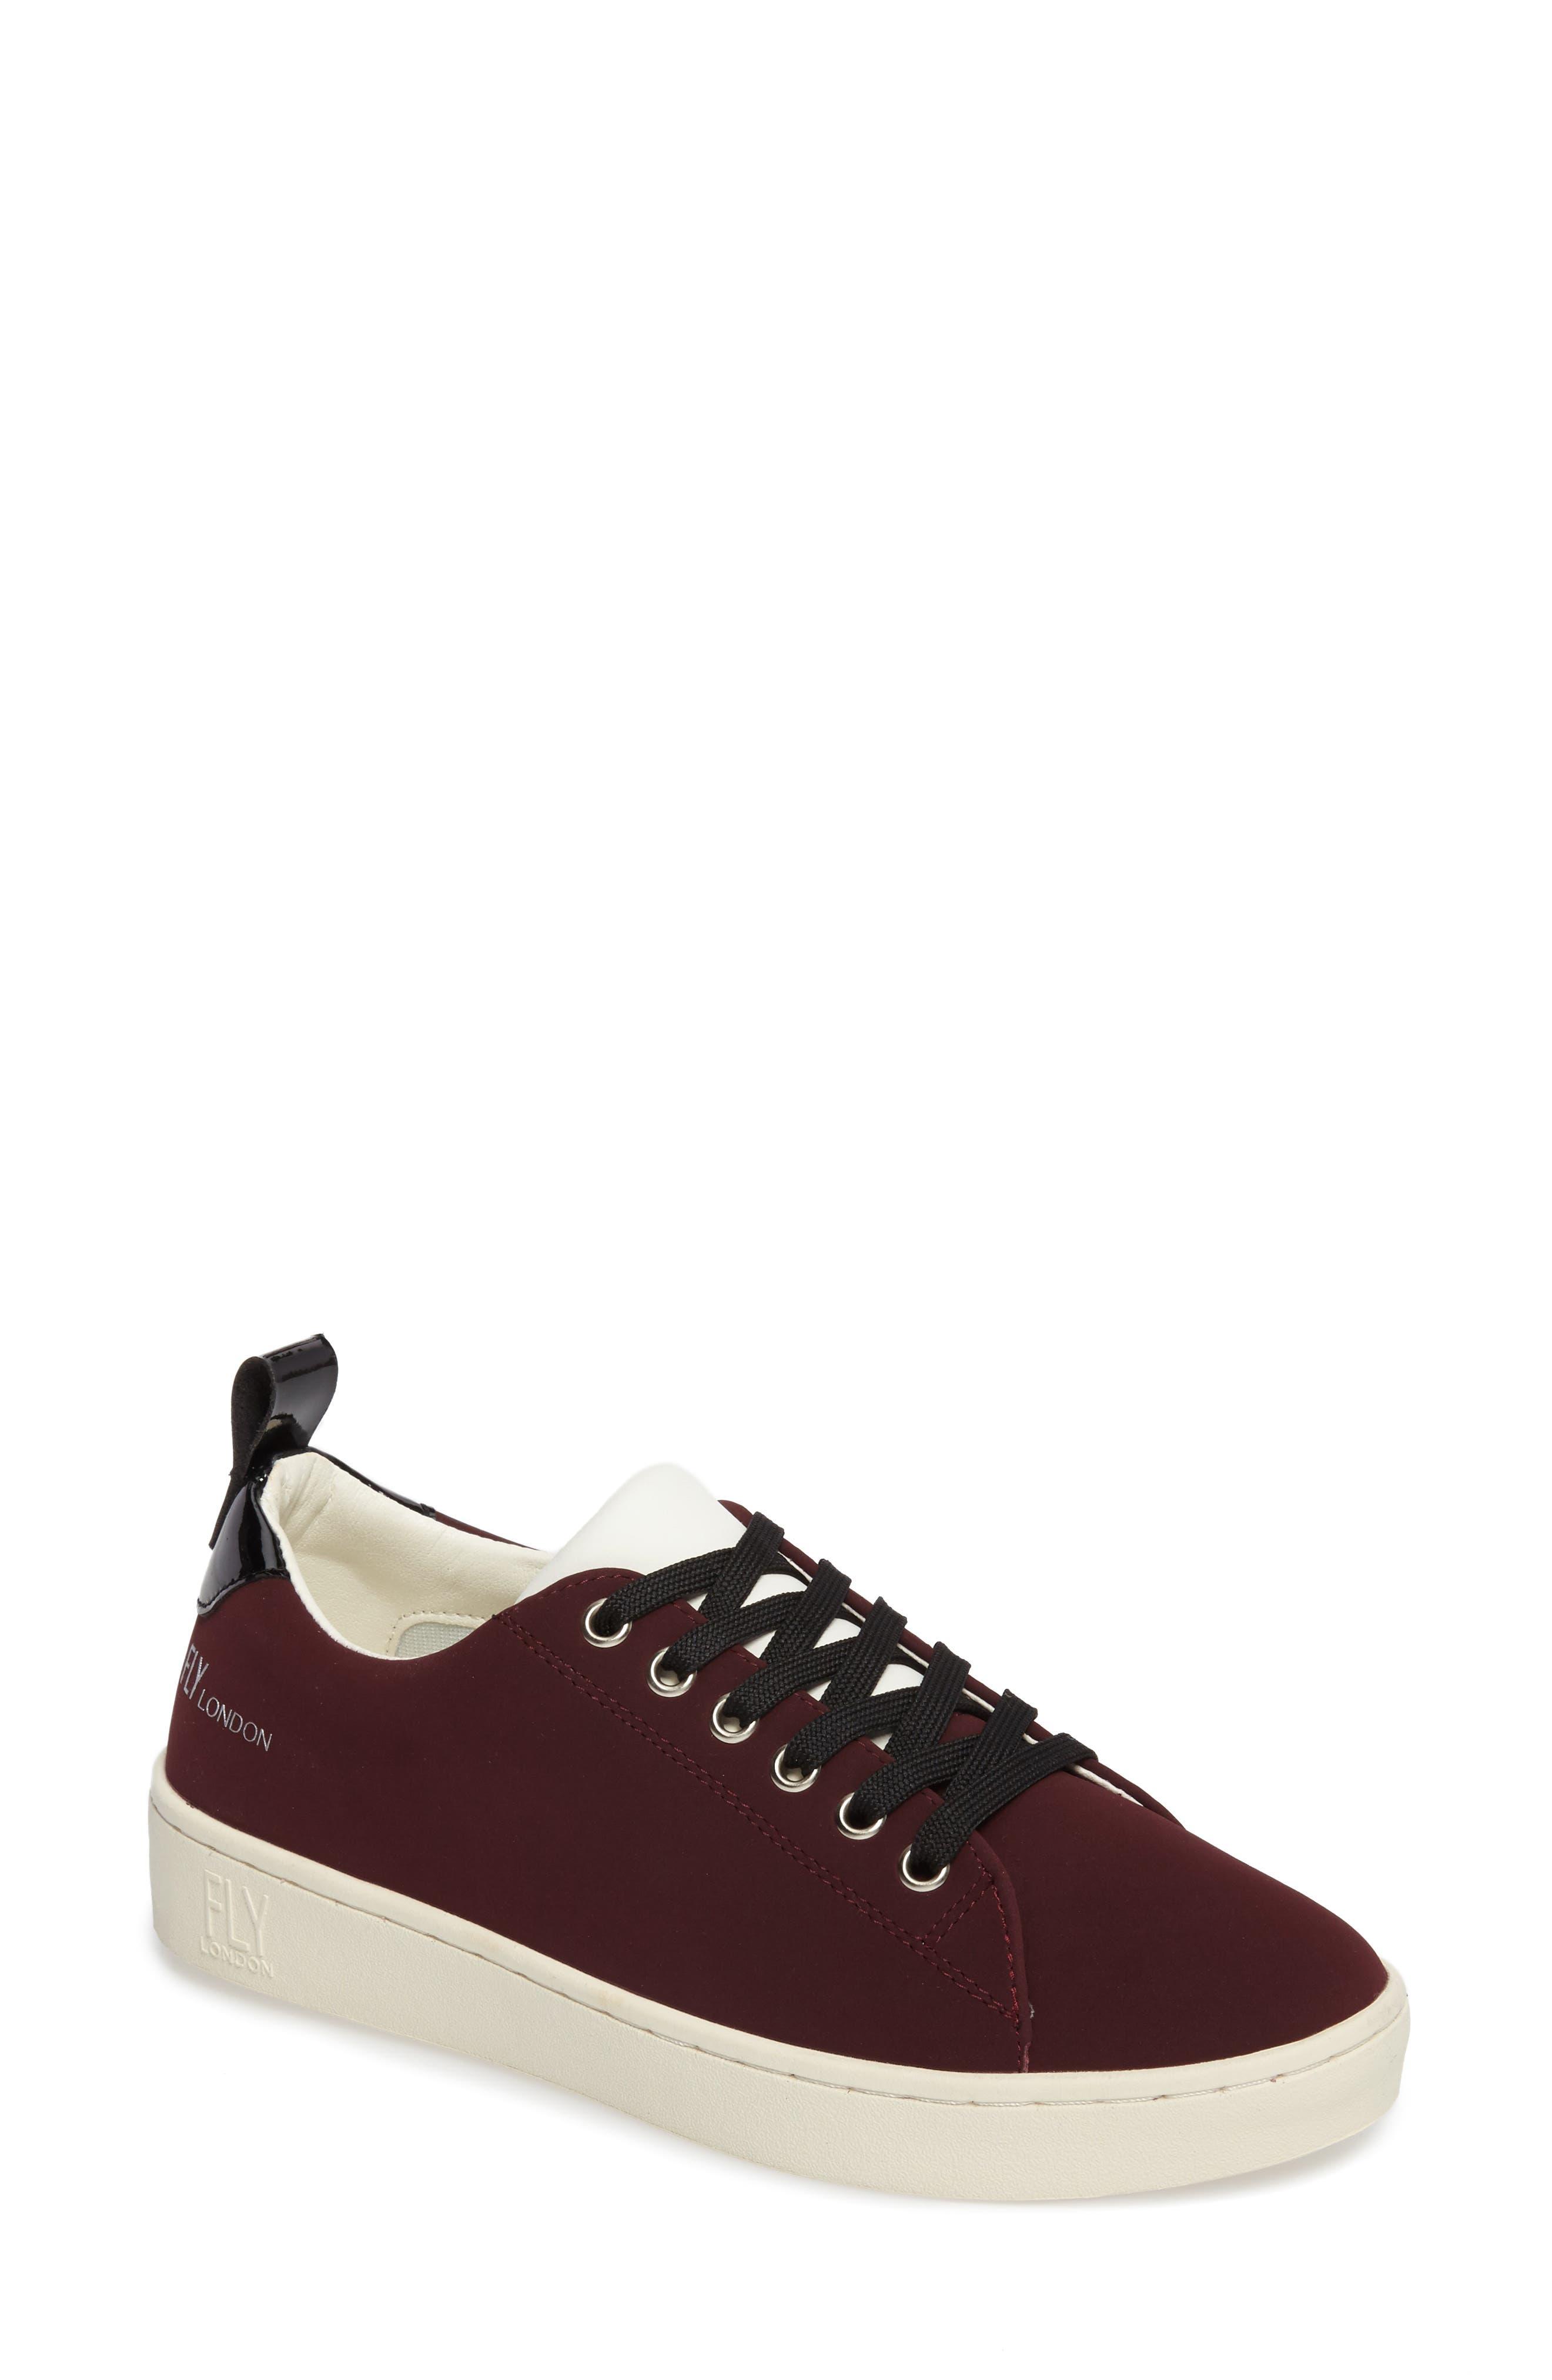 Fly London Maco Sneaker (Women)